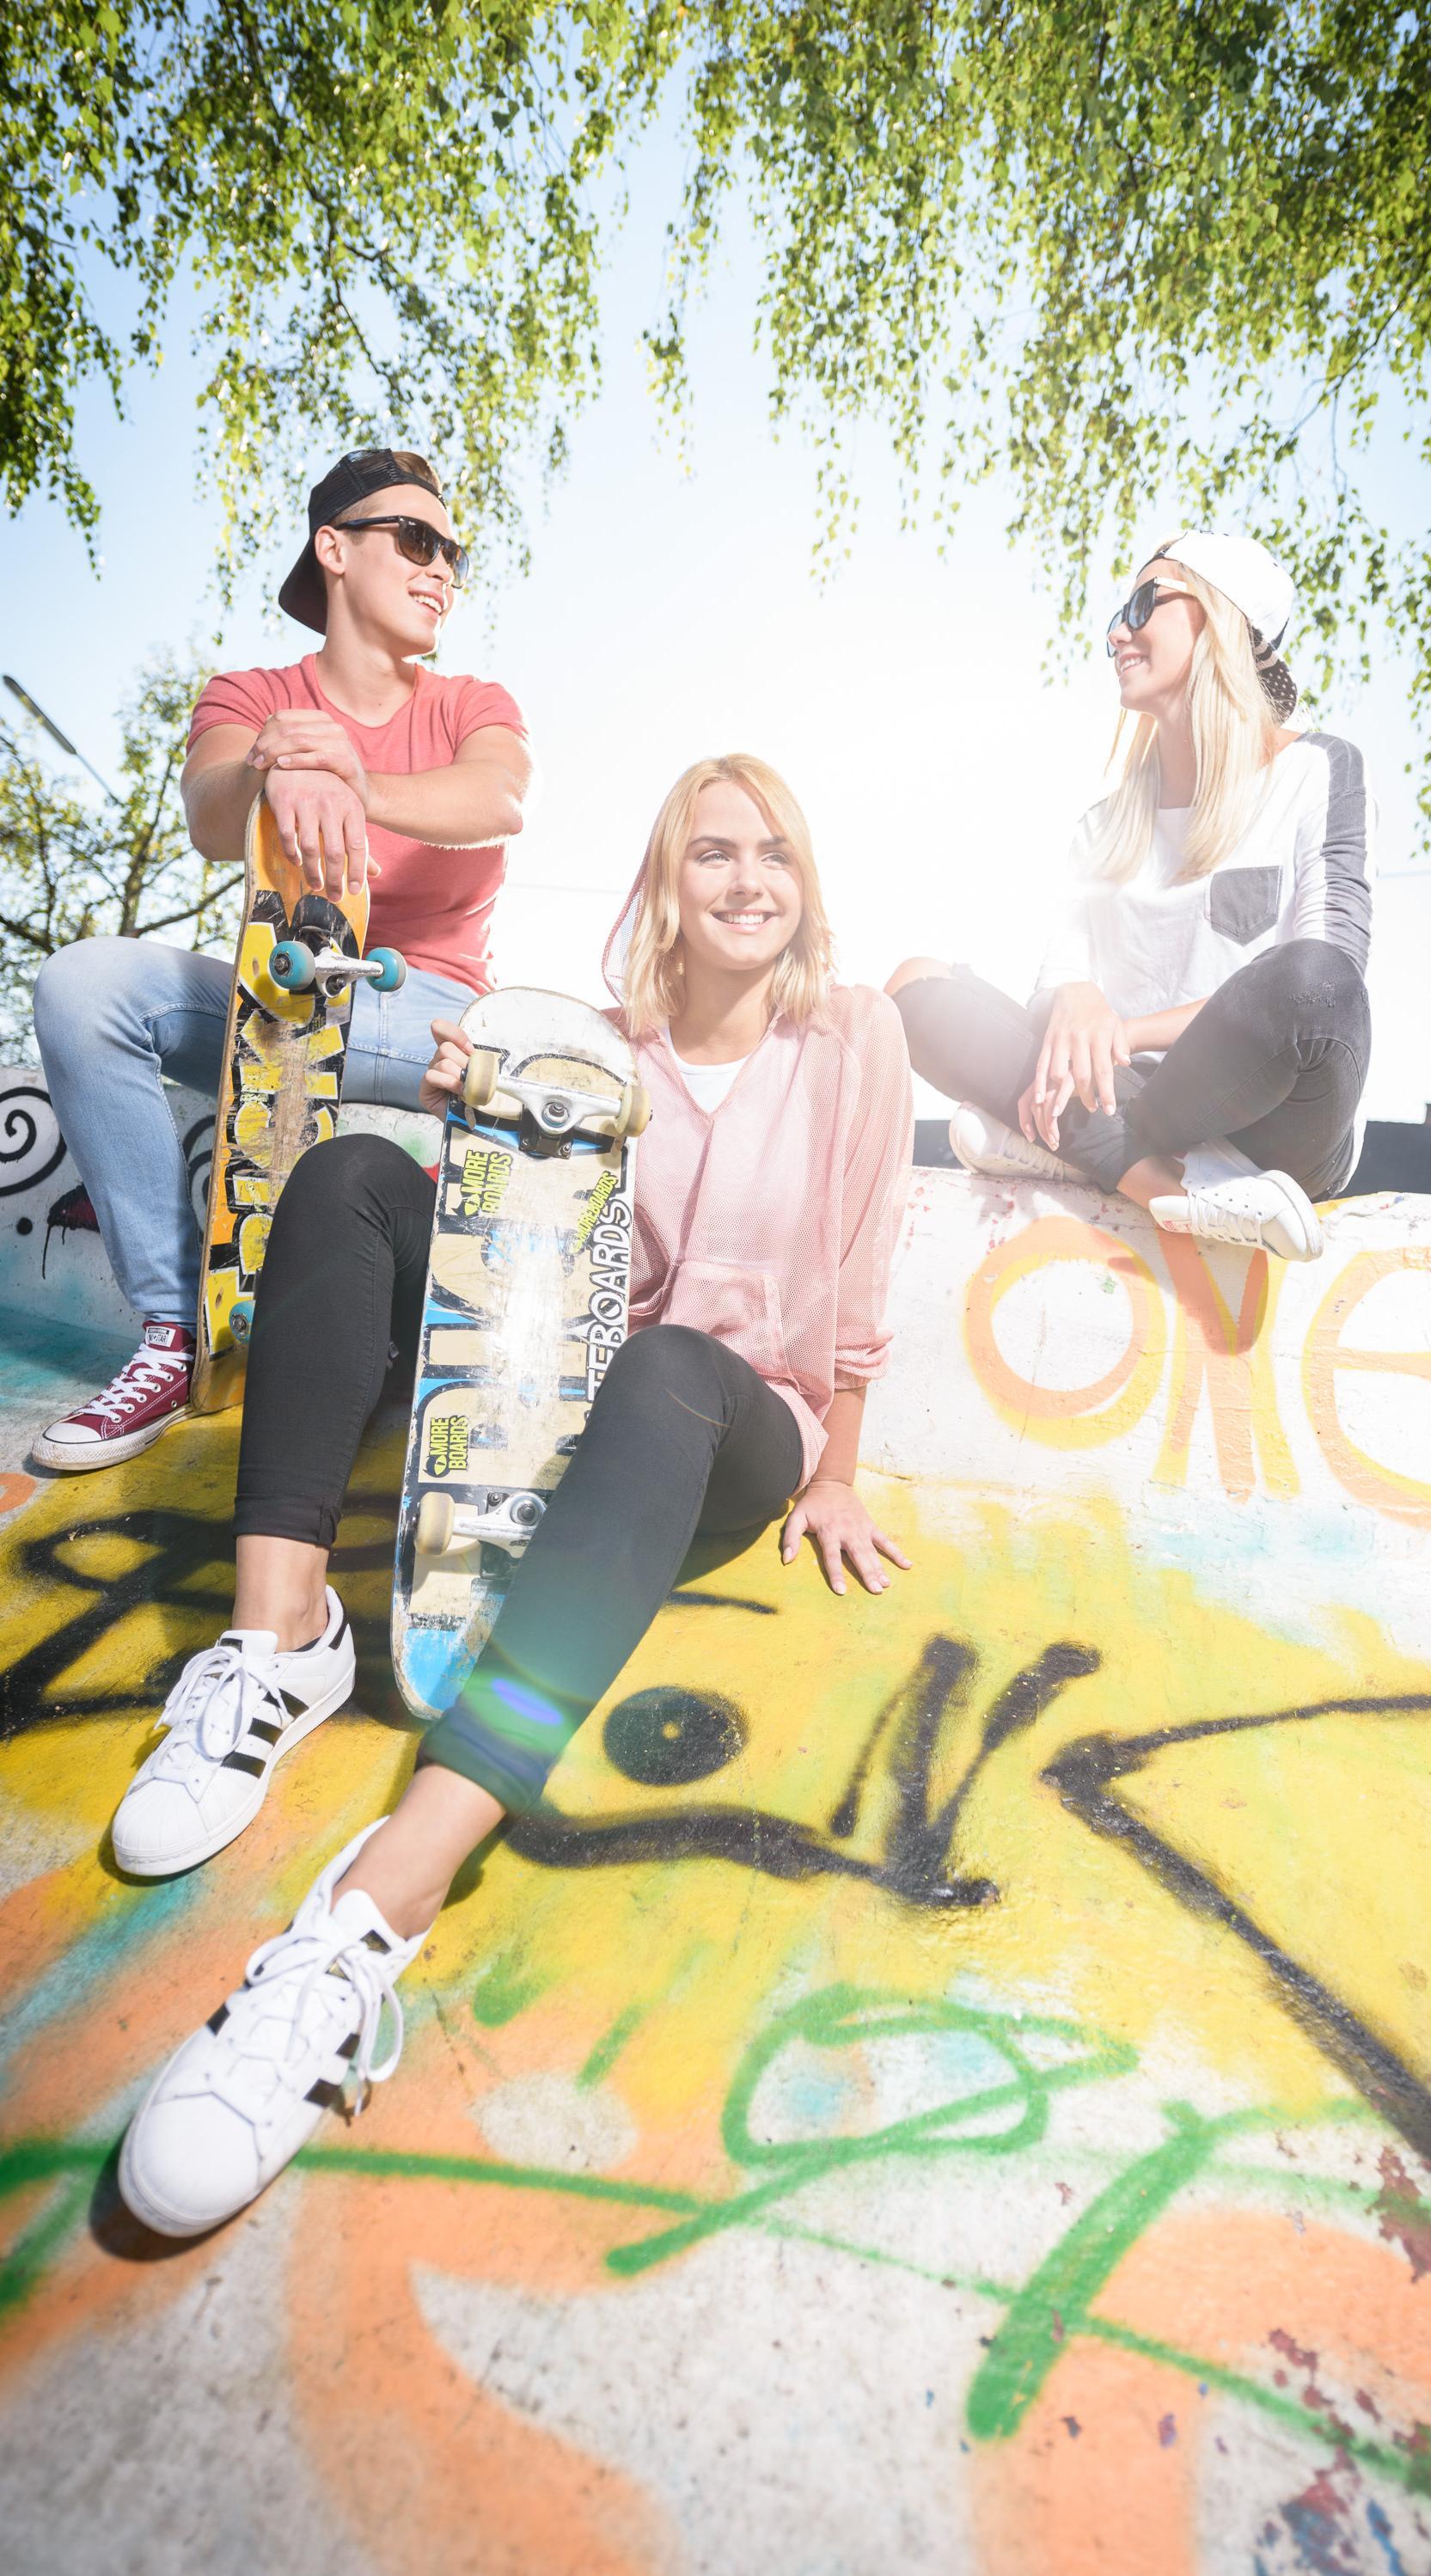 Jugendliche draußen mit Skateboard auf Skateboardrampe